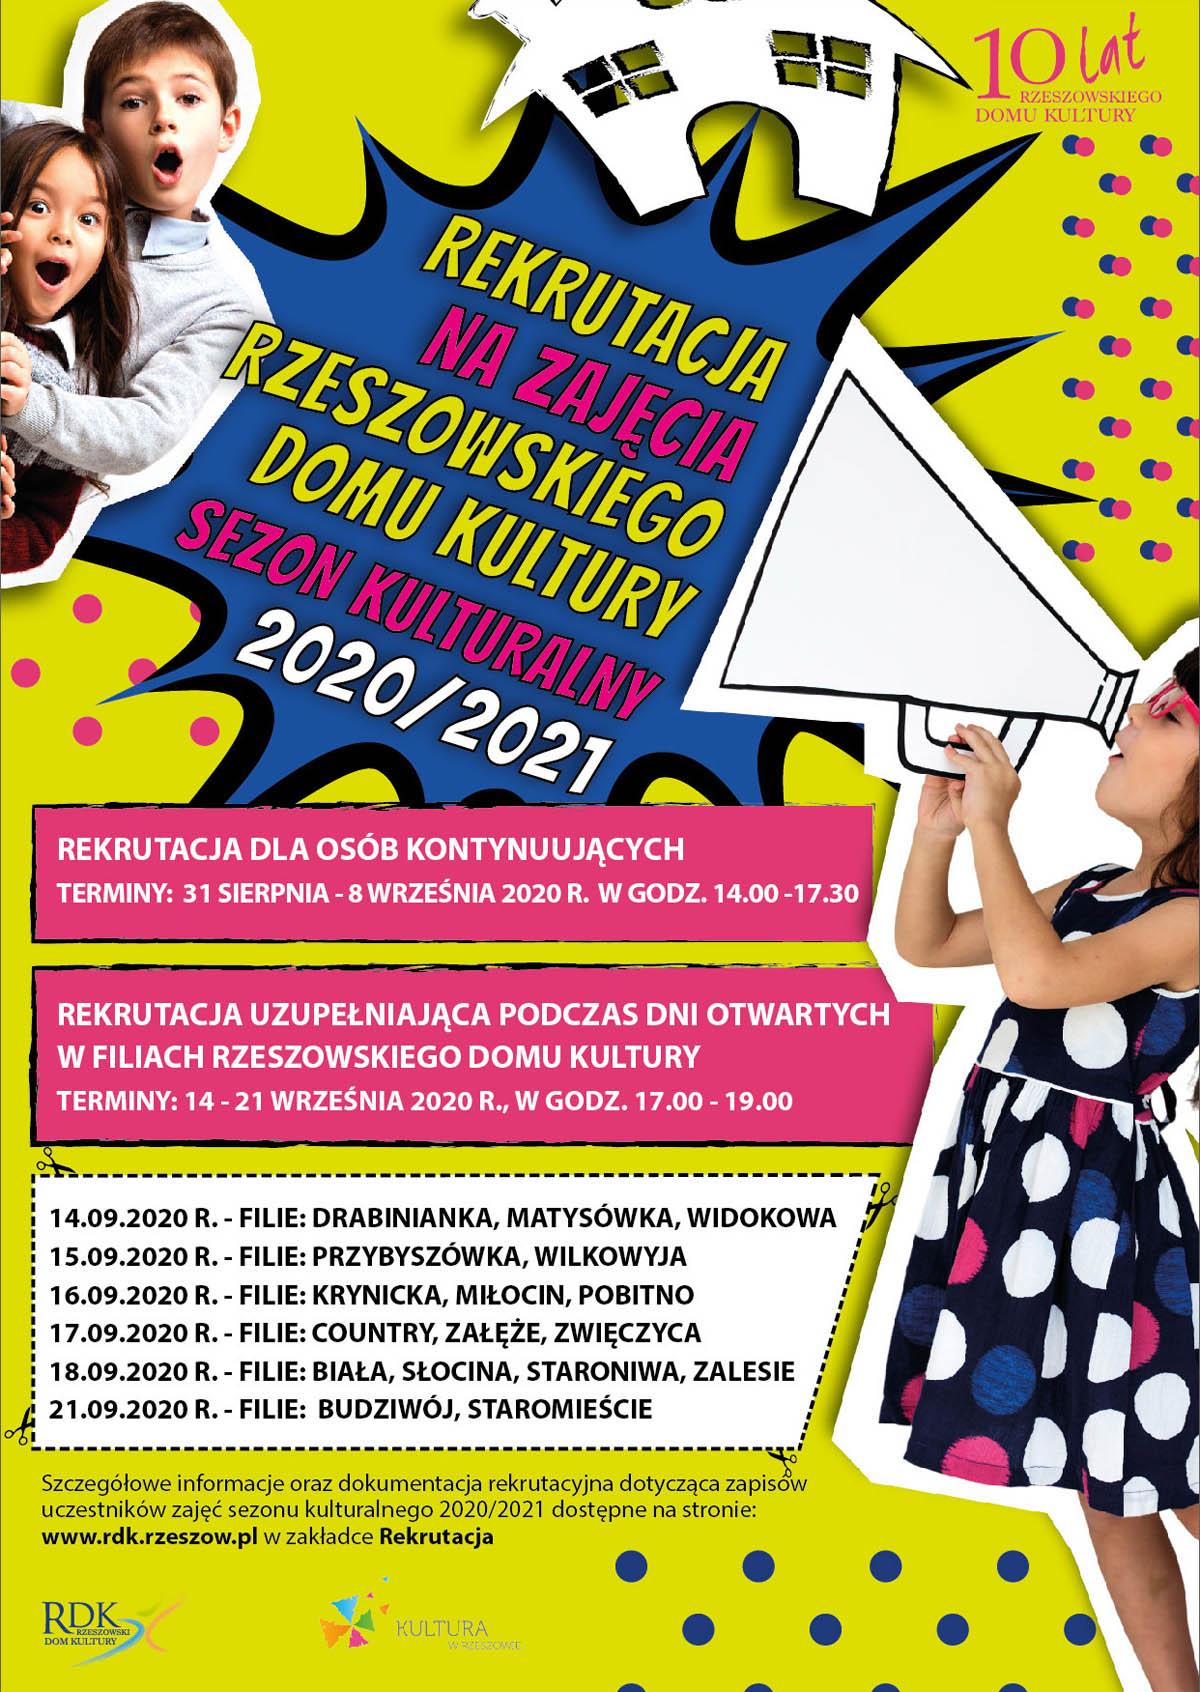 Plakat - Rekrutacja w Rzeszowskim Domu Kultury